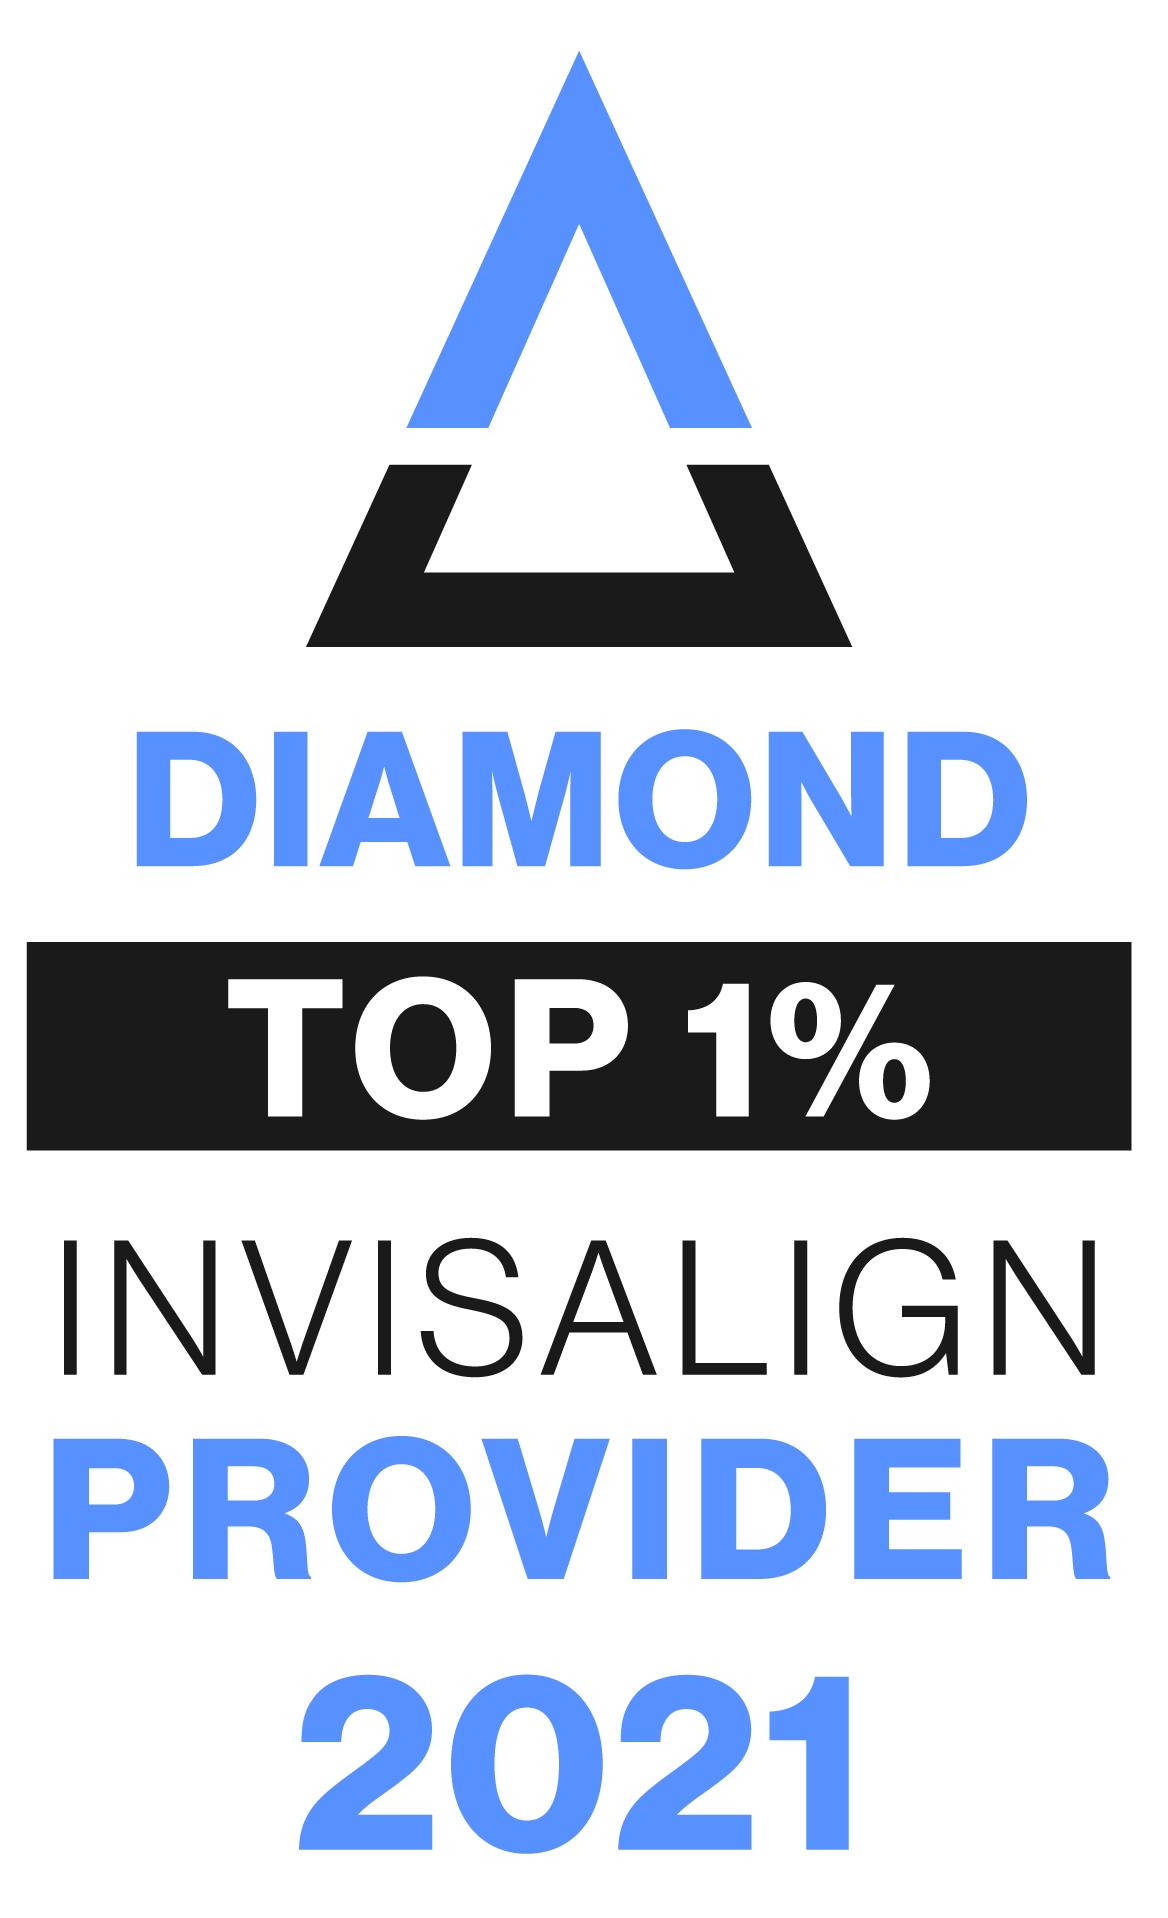 AdvantageProgIcons_CMYK_Diamond-tag-top